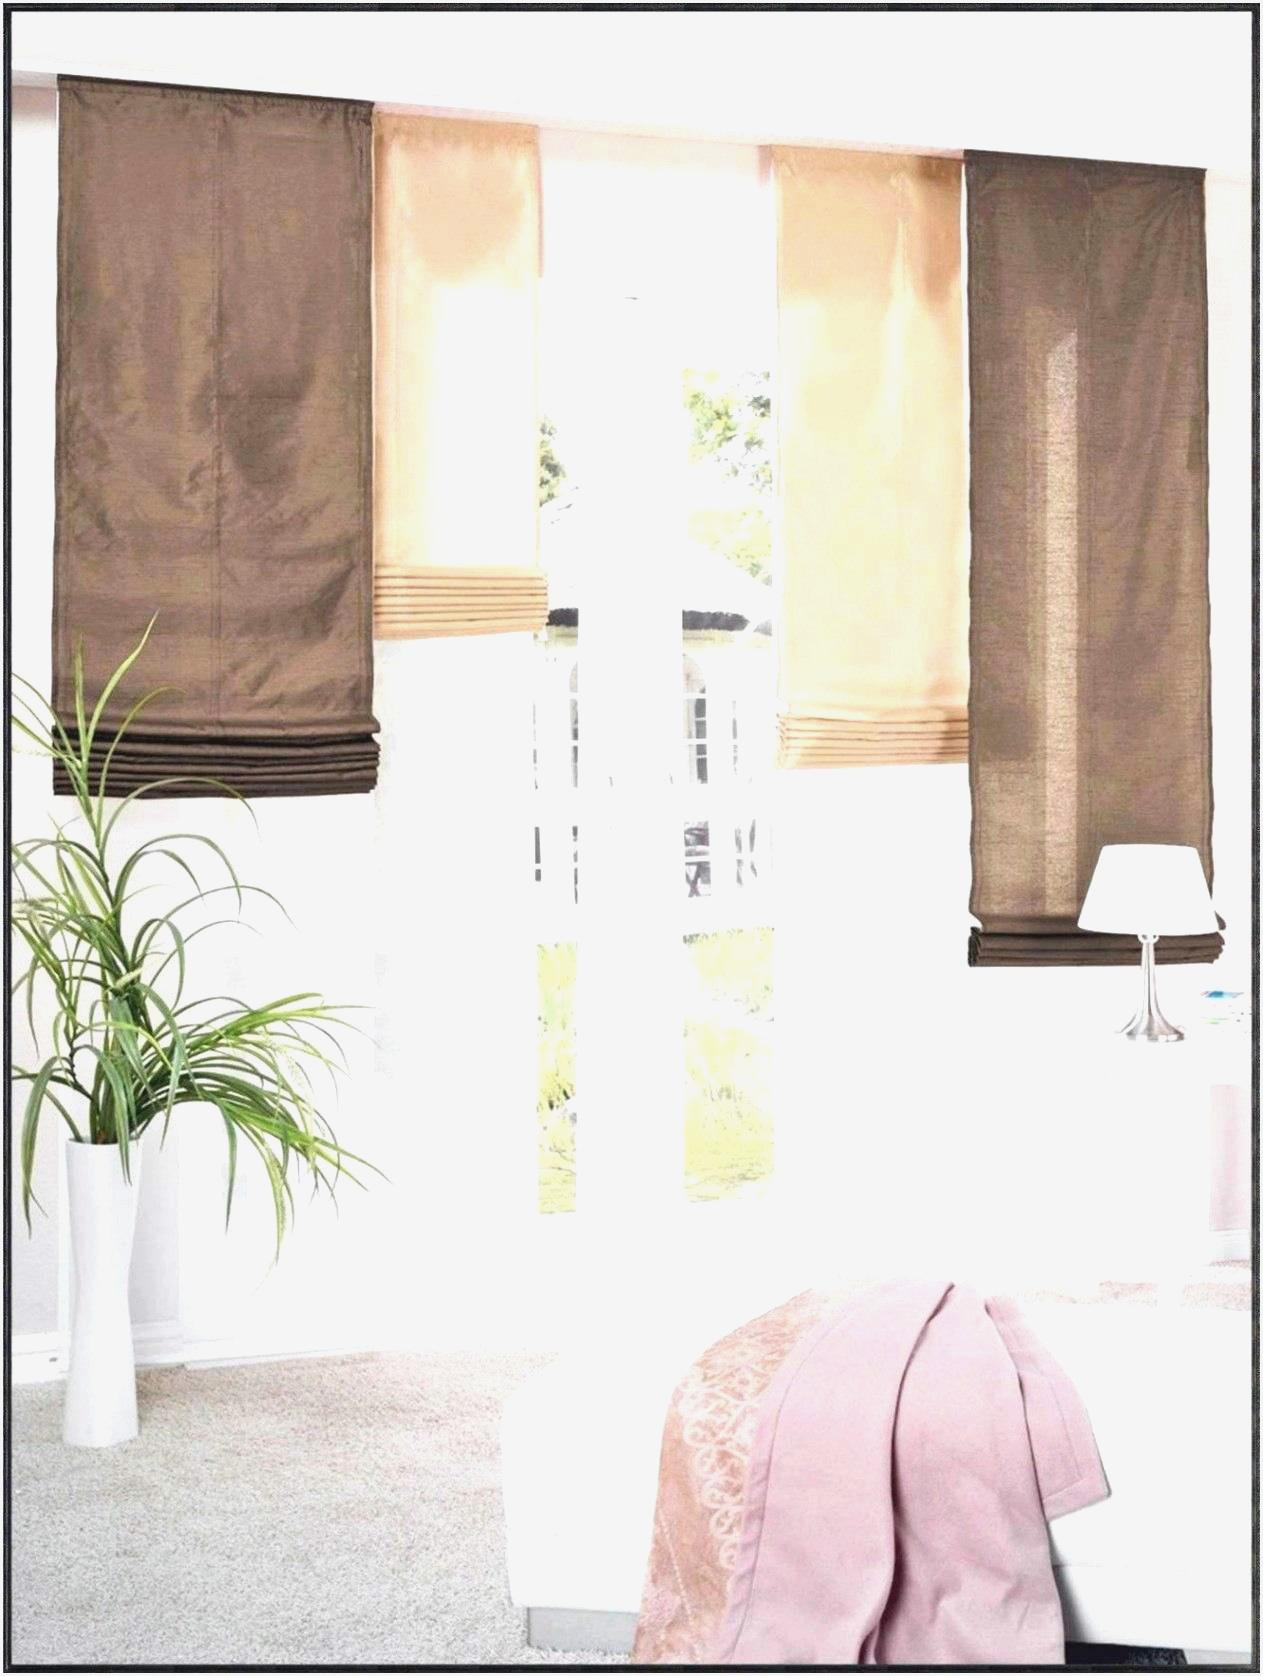 Full Size of Gardinen Schlafzimmer Bilder Traumhaus Dekoration Komplett Poco Günstige Regal Sitzbank Stuhl Für Wohnzimmer Scheibengardinen Küche Mit Lattenrost Und Schlafzimmer Gardinen Schlafzimmer